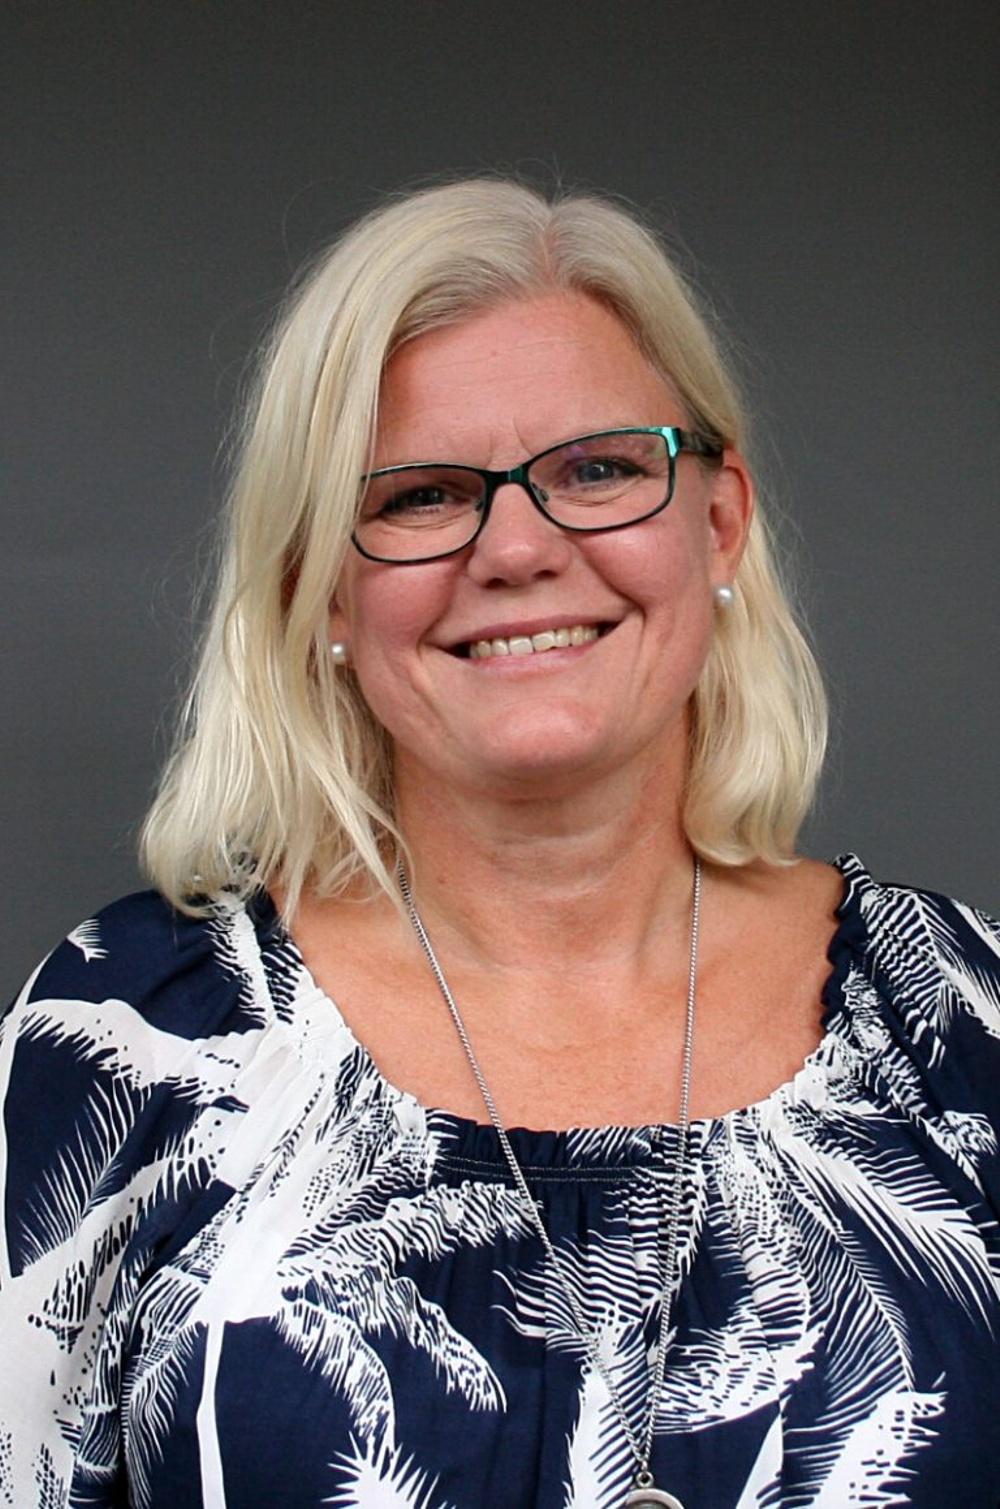 Porträtt bild av Cecilia Hjort Attefall, förbundsordförande Bilda